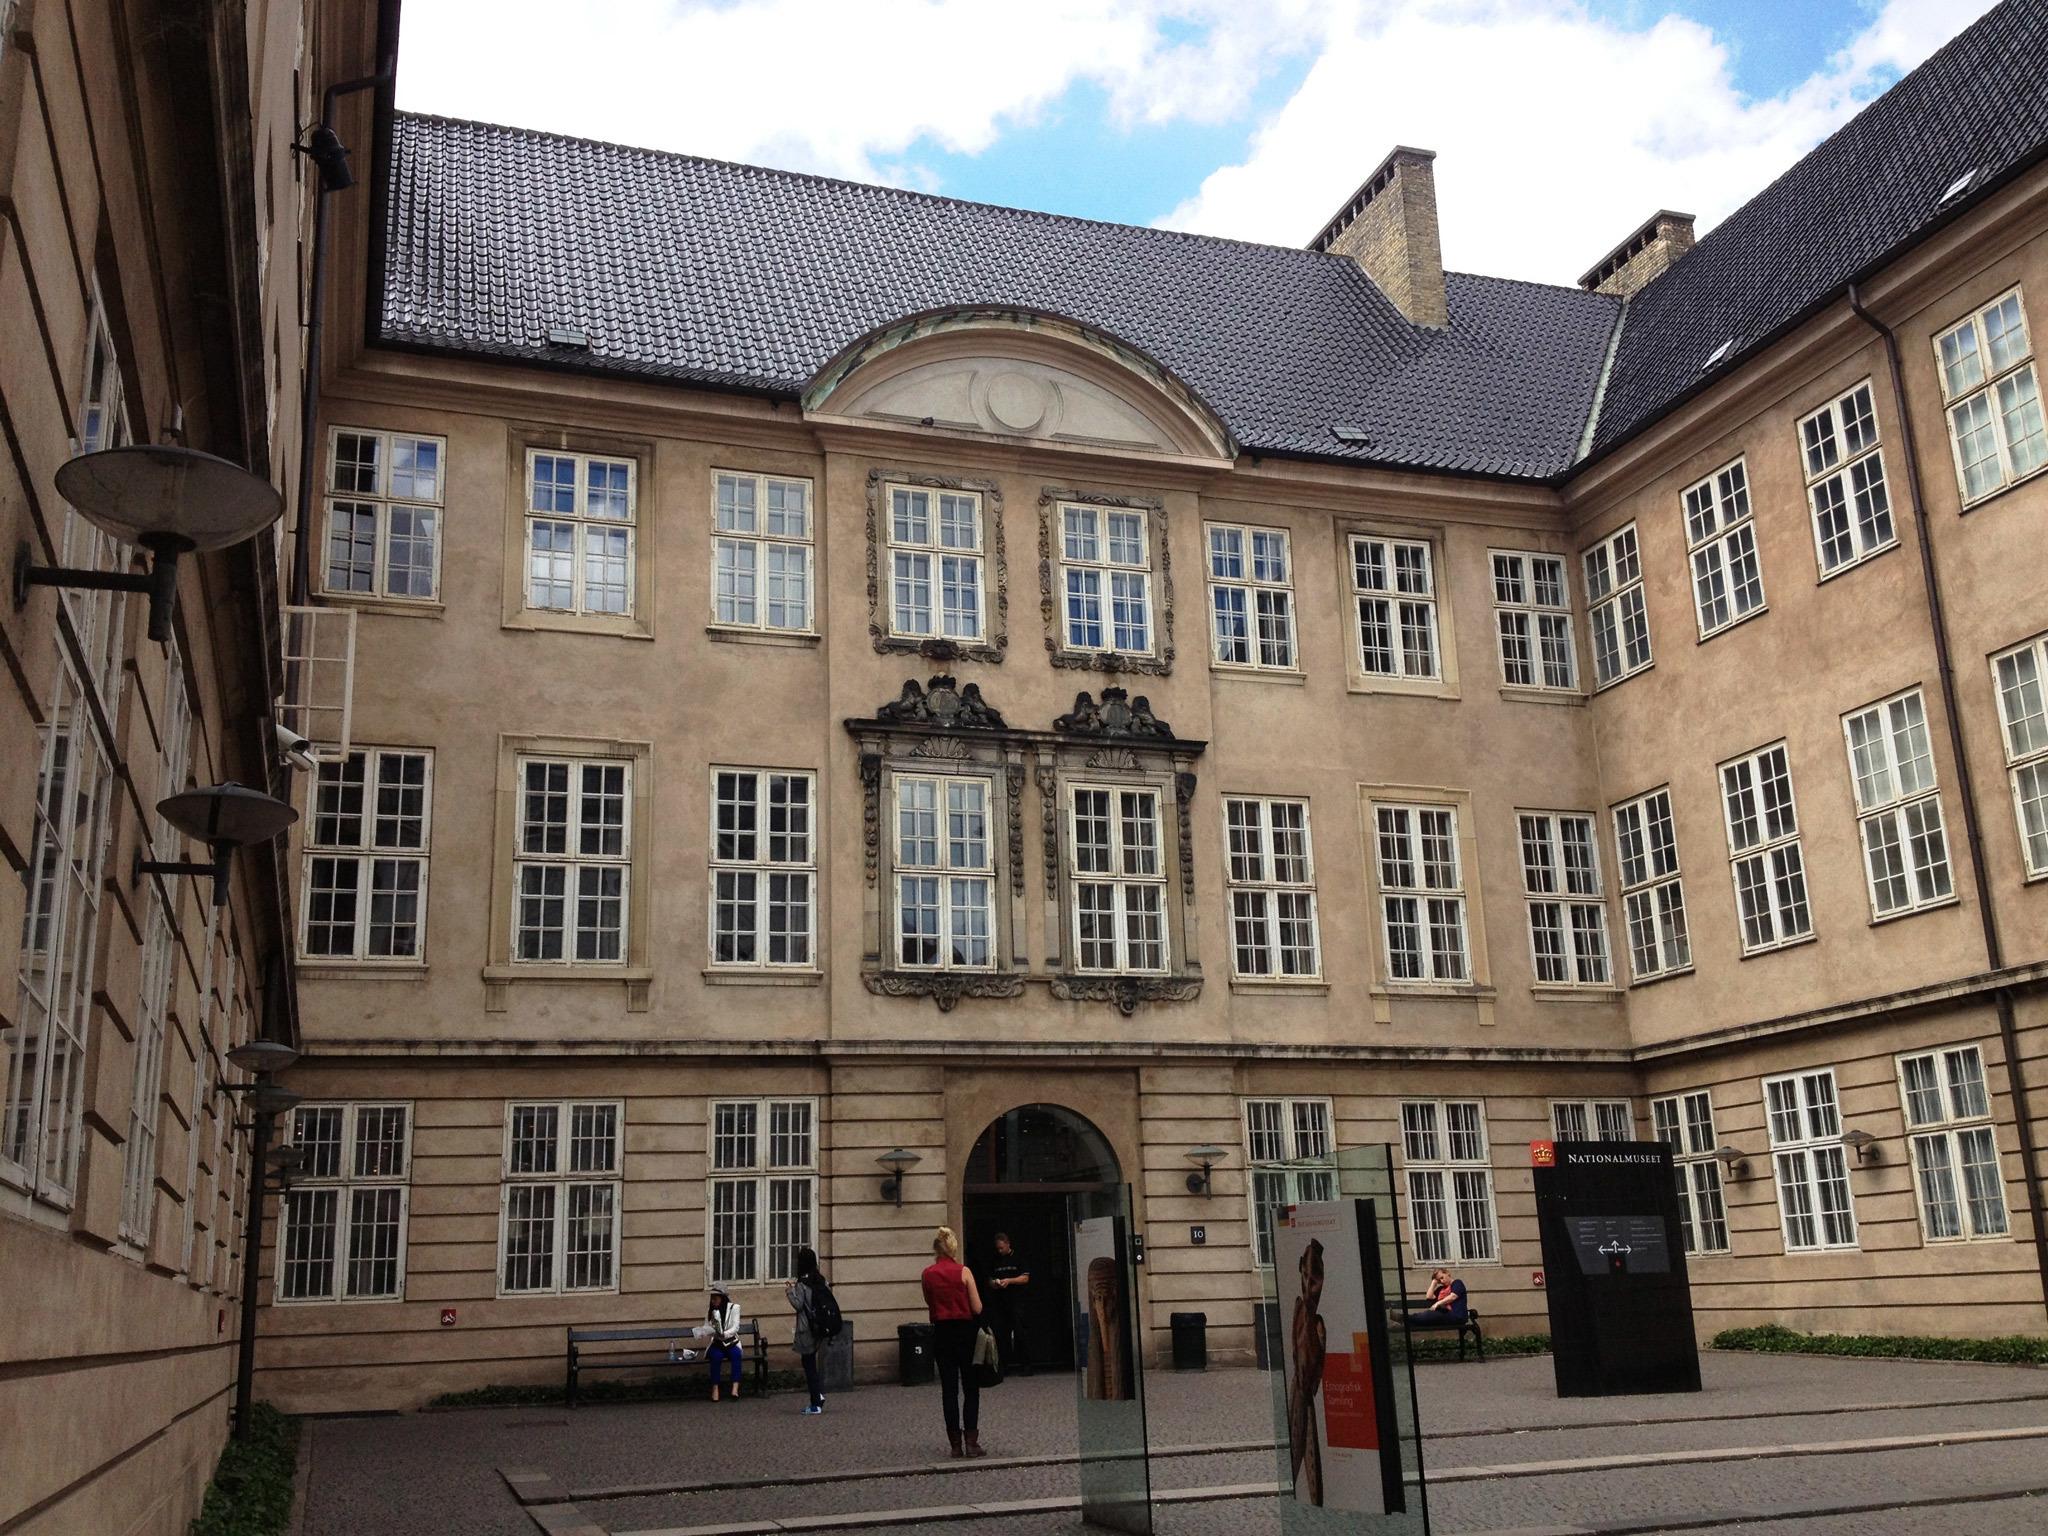 The exterior of Nationalmuseet in Copenhagen